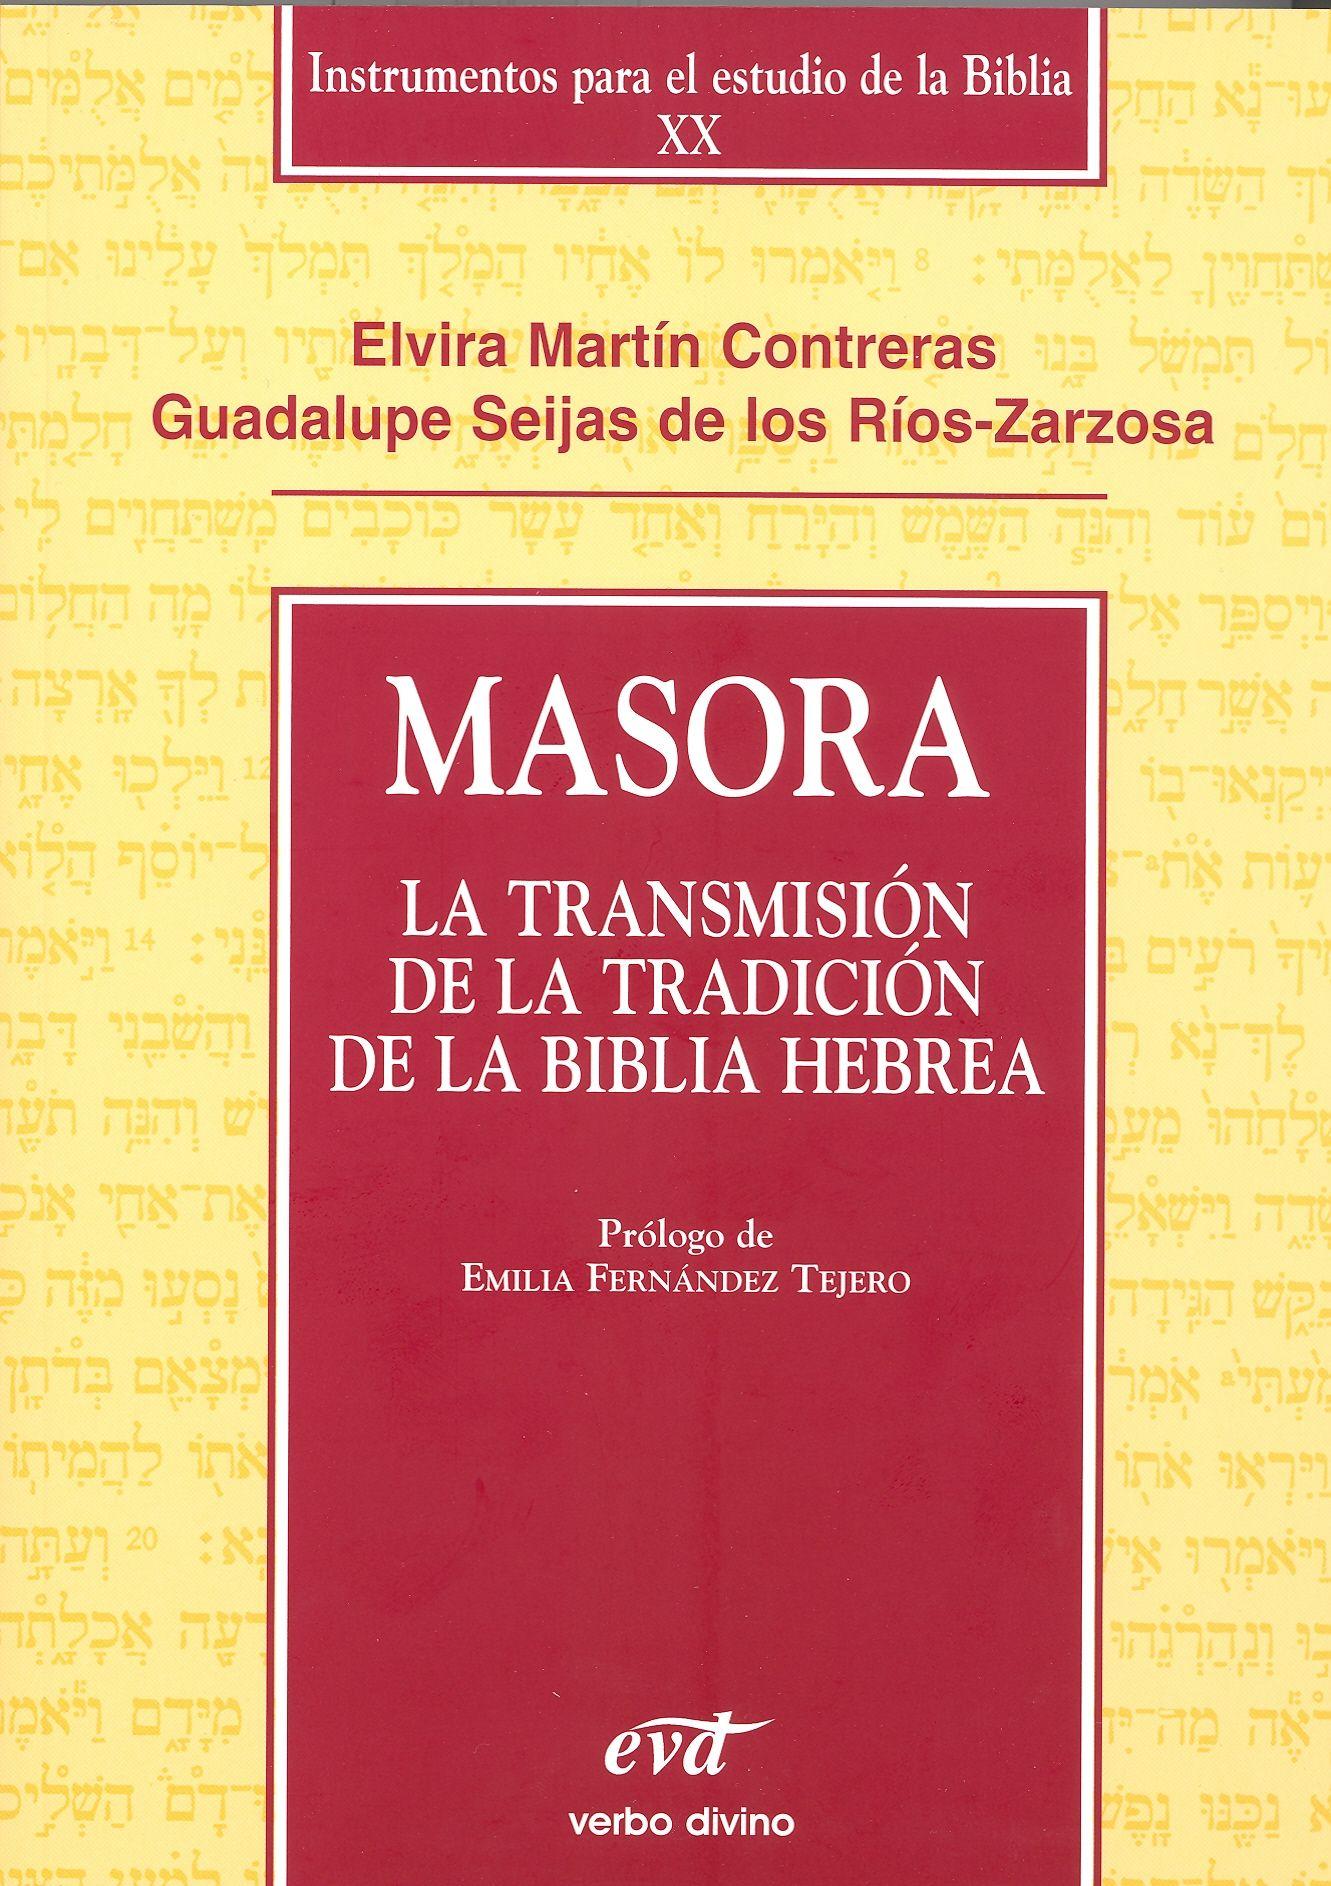 Masora. La Transmisión de la Tradición de la Biblia Hebrea. (Instrumentos para el Estudio de la Biblia XX).